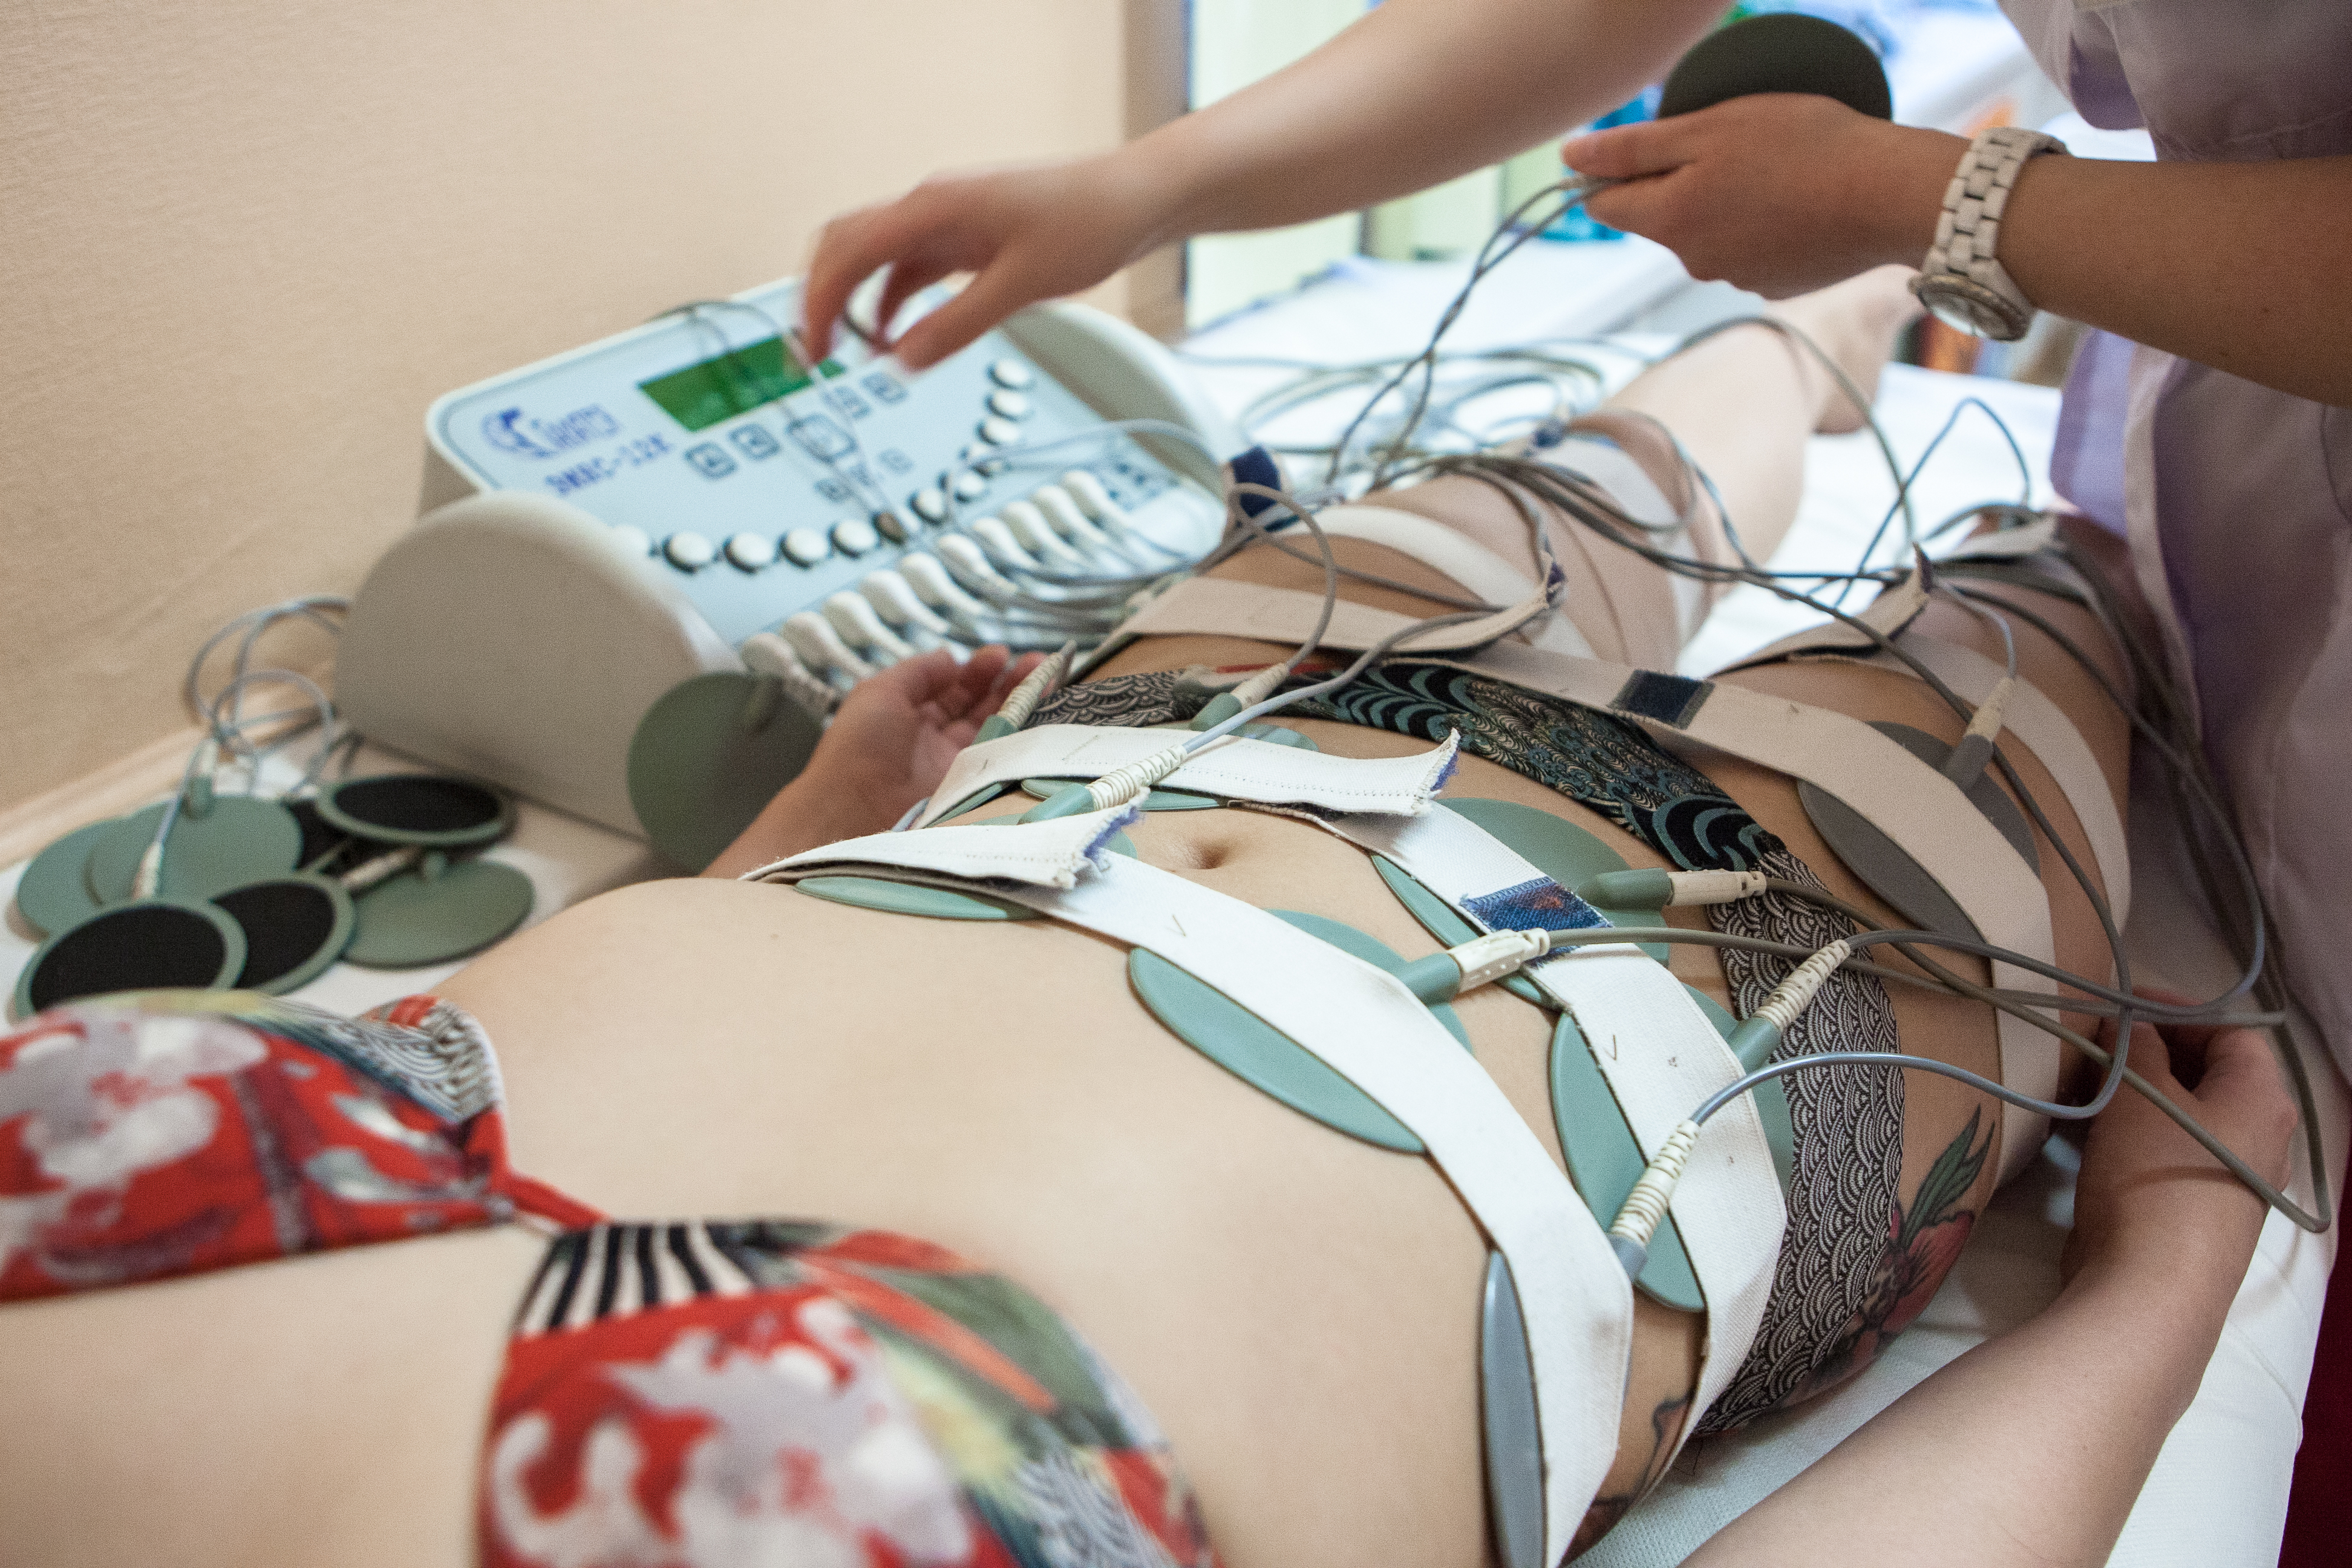 Миостимуляция тела: укрепление мышц без усилий (борьба с целлюлитом)